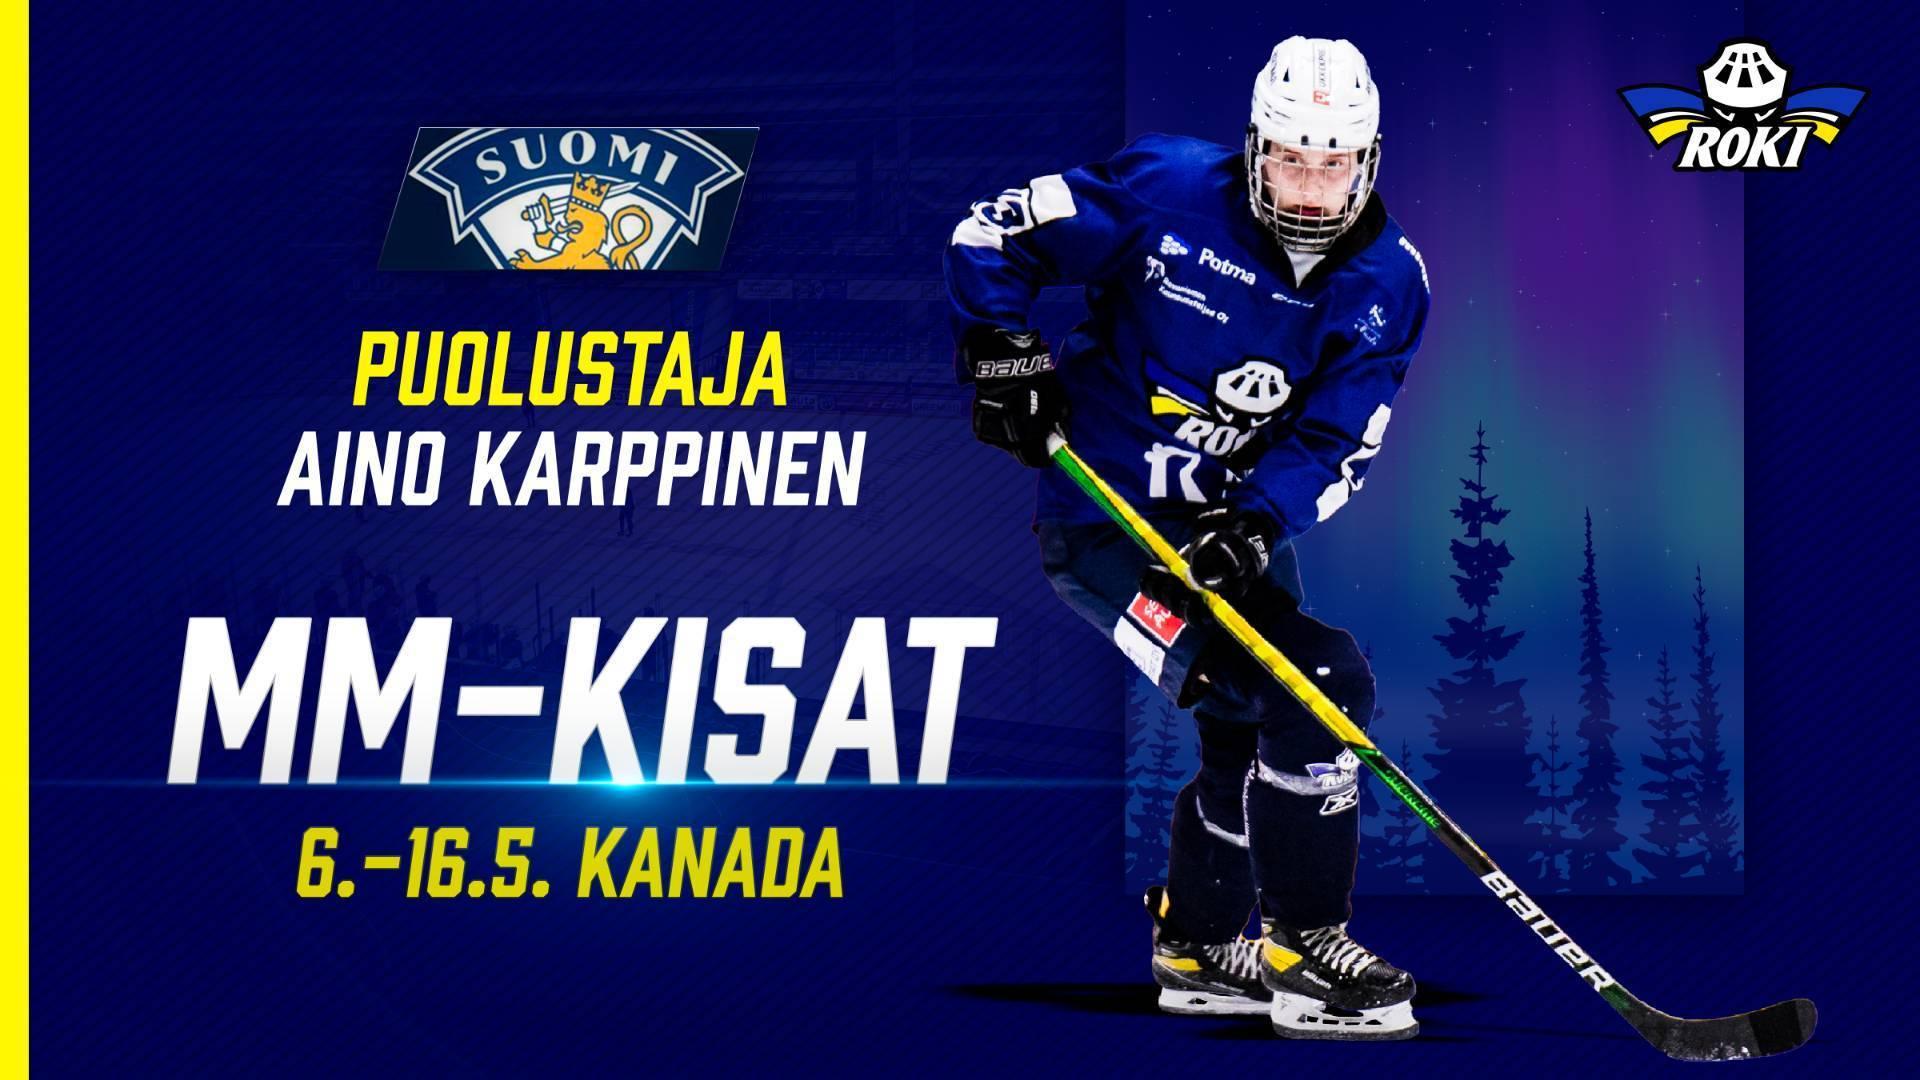 Puolustaja Aino Karppinen on valittu Suomen MM-kisajoukkueeseen Kanadaan!